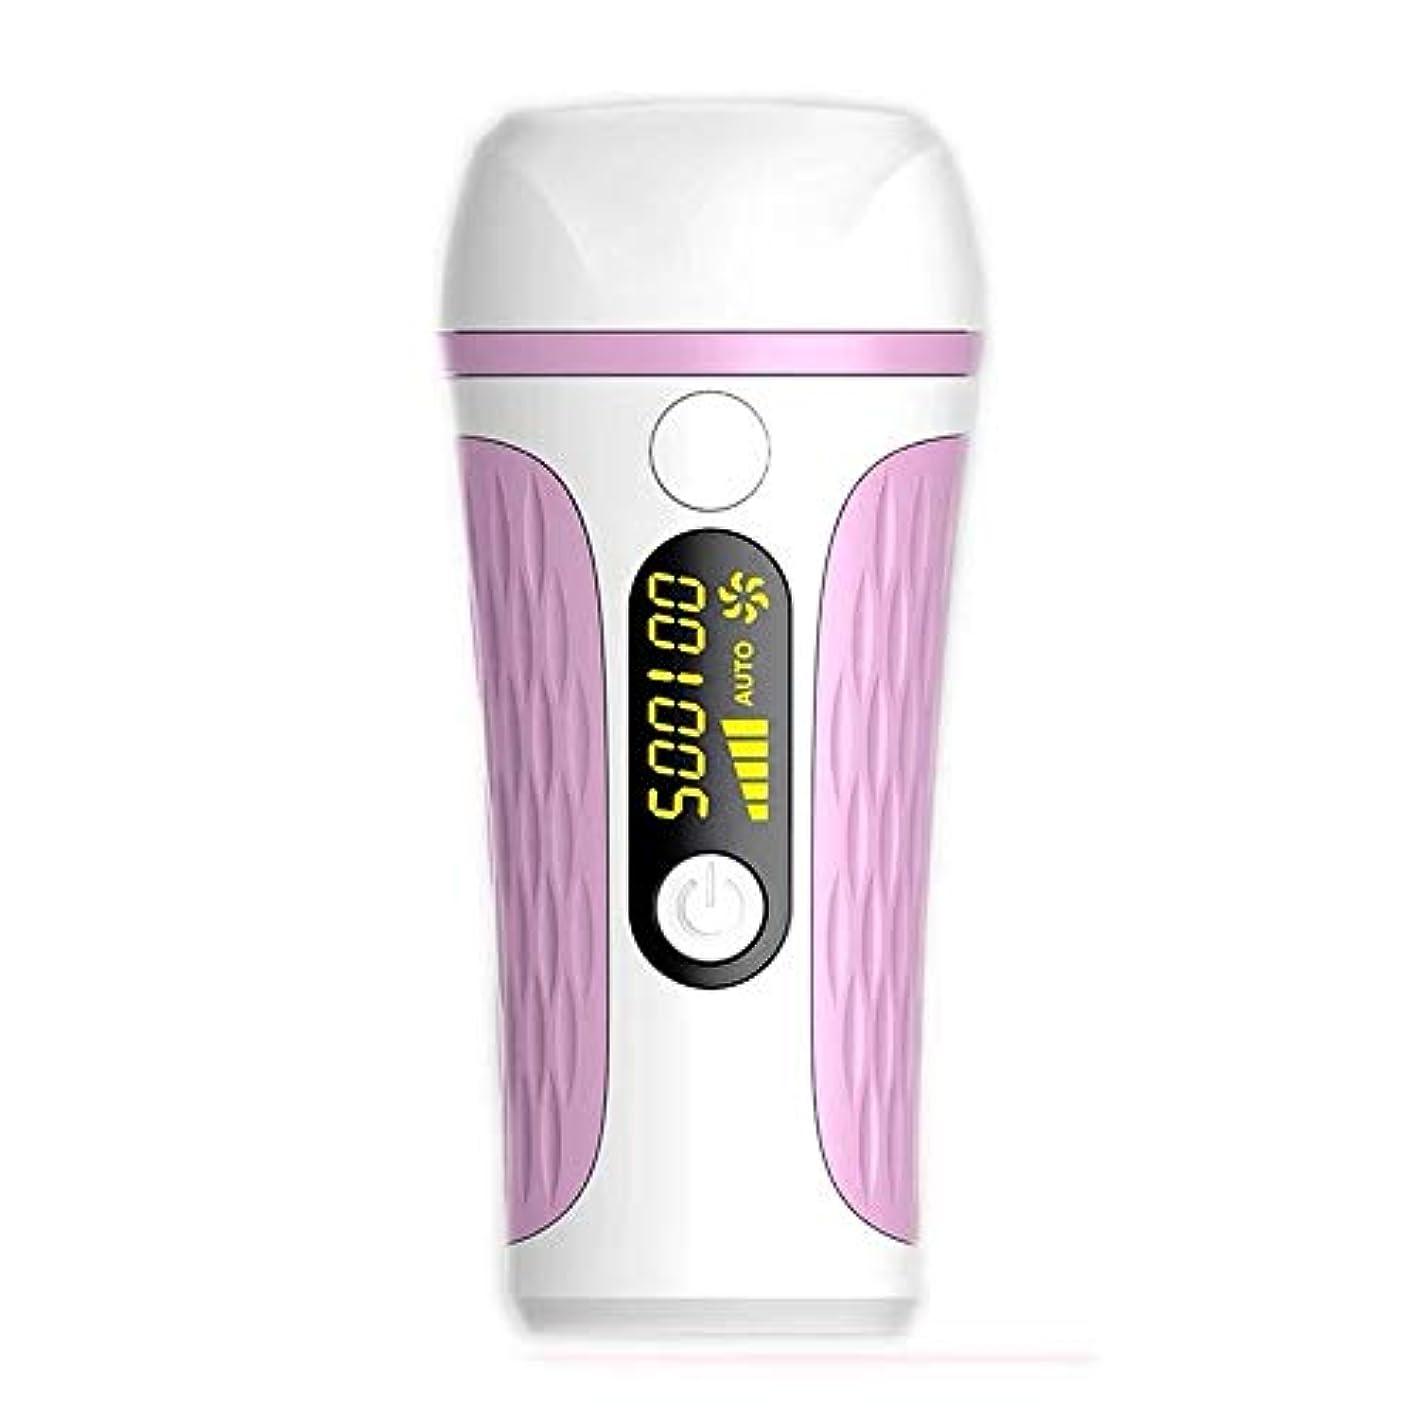 直径異常うん携帯用コールドポイント痛みのない毛の除去剤、自動、手動、2つのモード、LCDディスプレイ、5スピード調整、サイズ14.5 X 6.7 X 19 Cm 髪以外はきれい